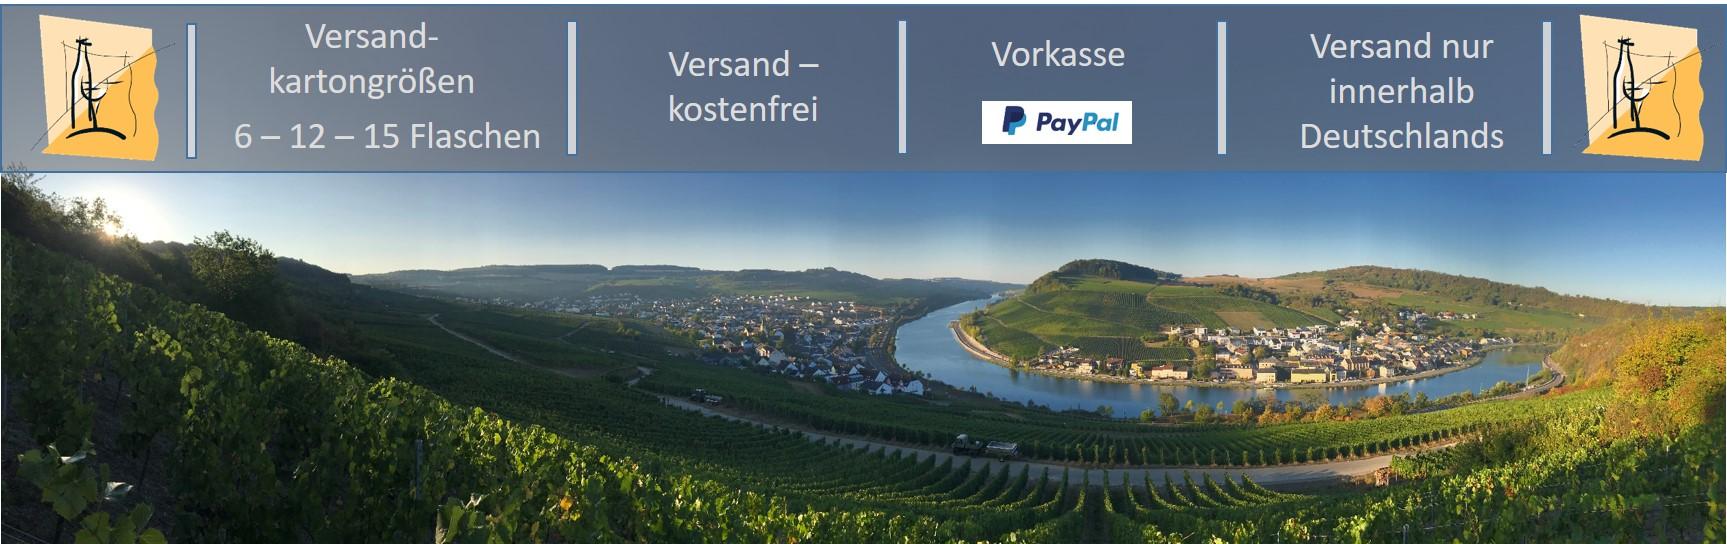 Guter Wein direkt von Mosel - Winzer kaufen; Weingut B. Frieden; Nittel Mosel, versandkostenfrei